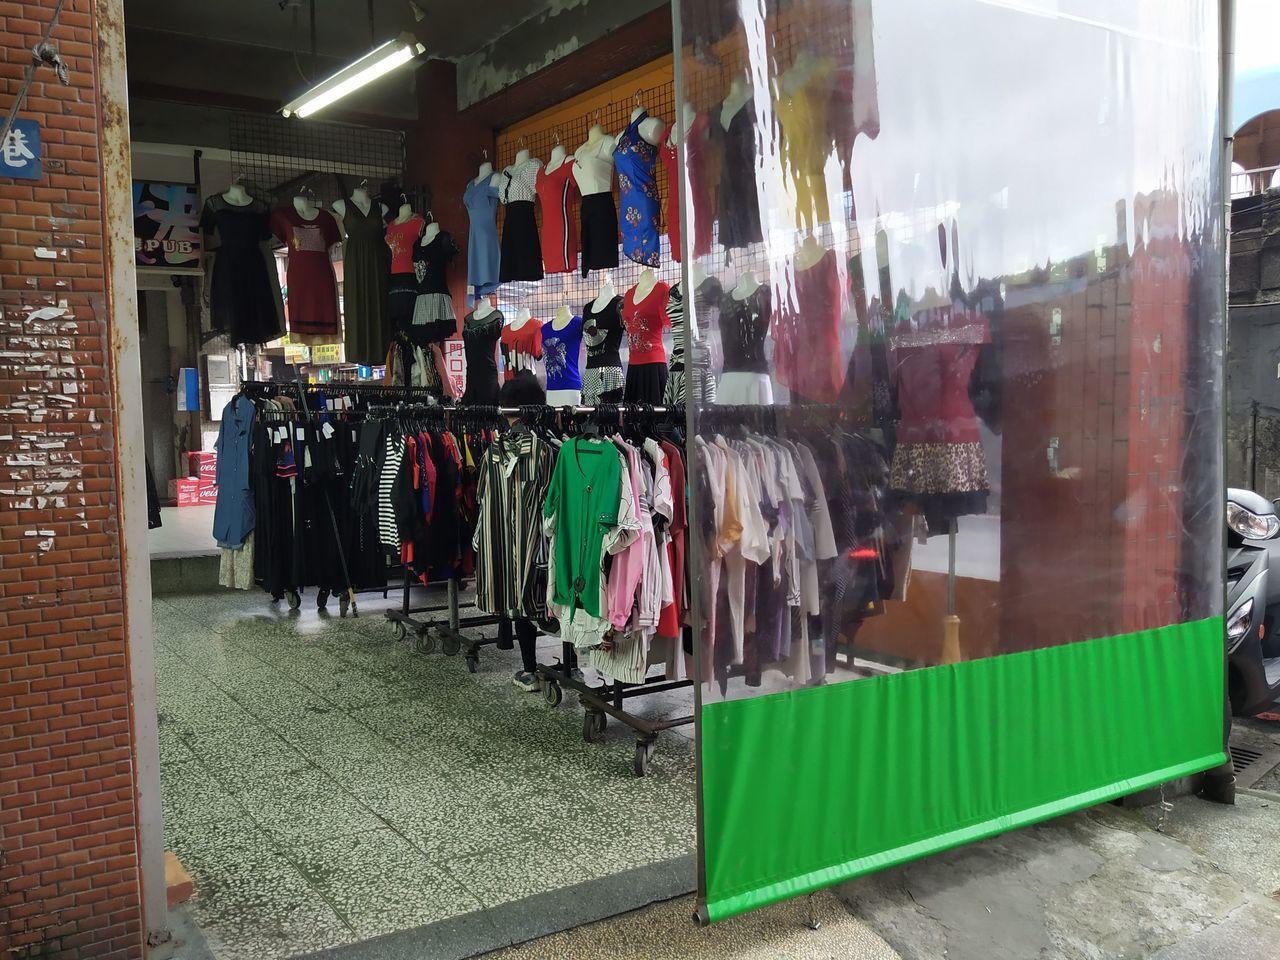 基隆市孝四路一家服飾店掛在騎樓的塑膠透明帆布,接連被人持刀割破6次,因為嫌犯隨手...